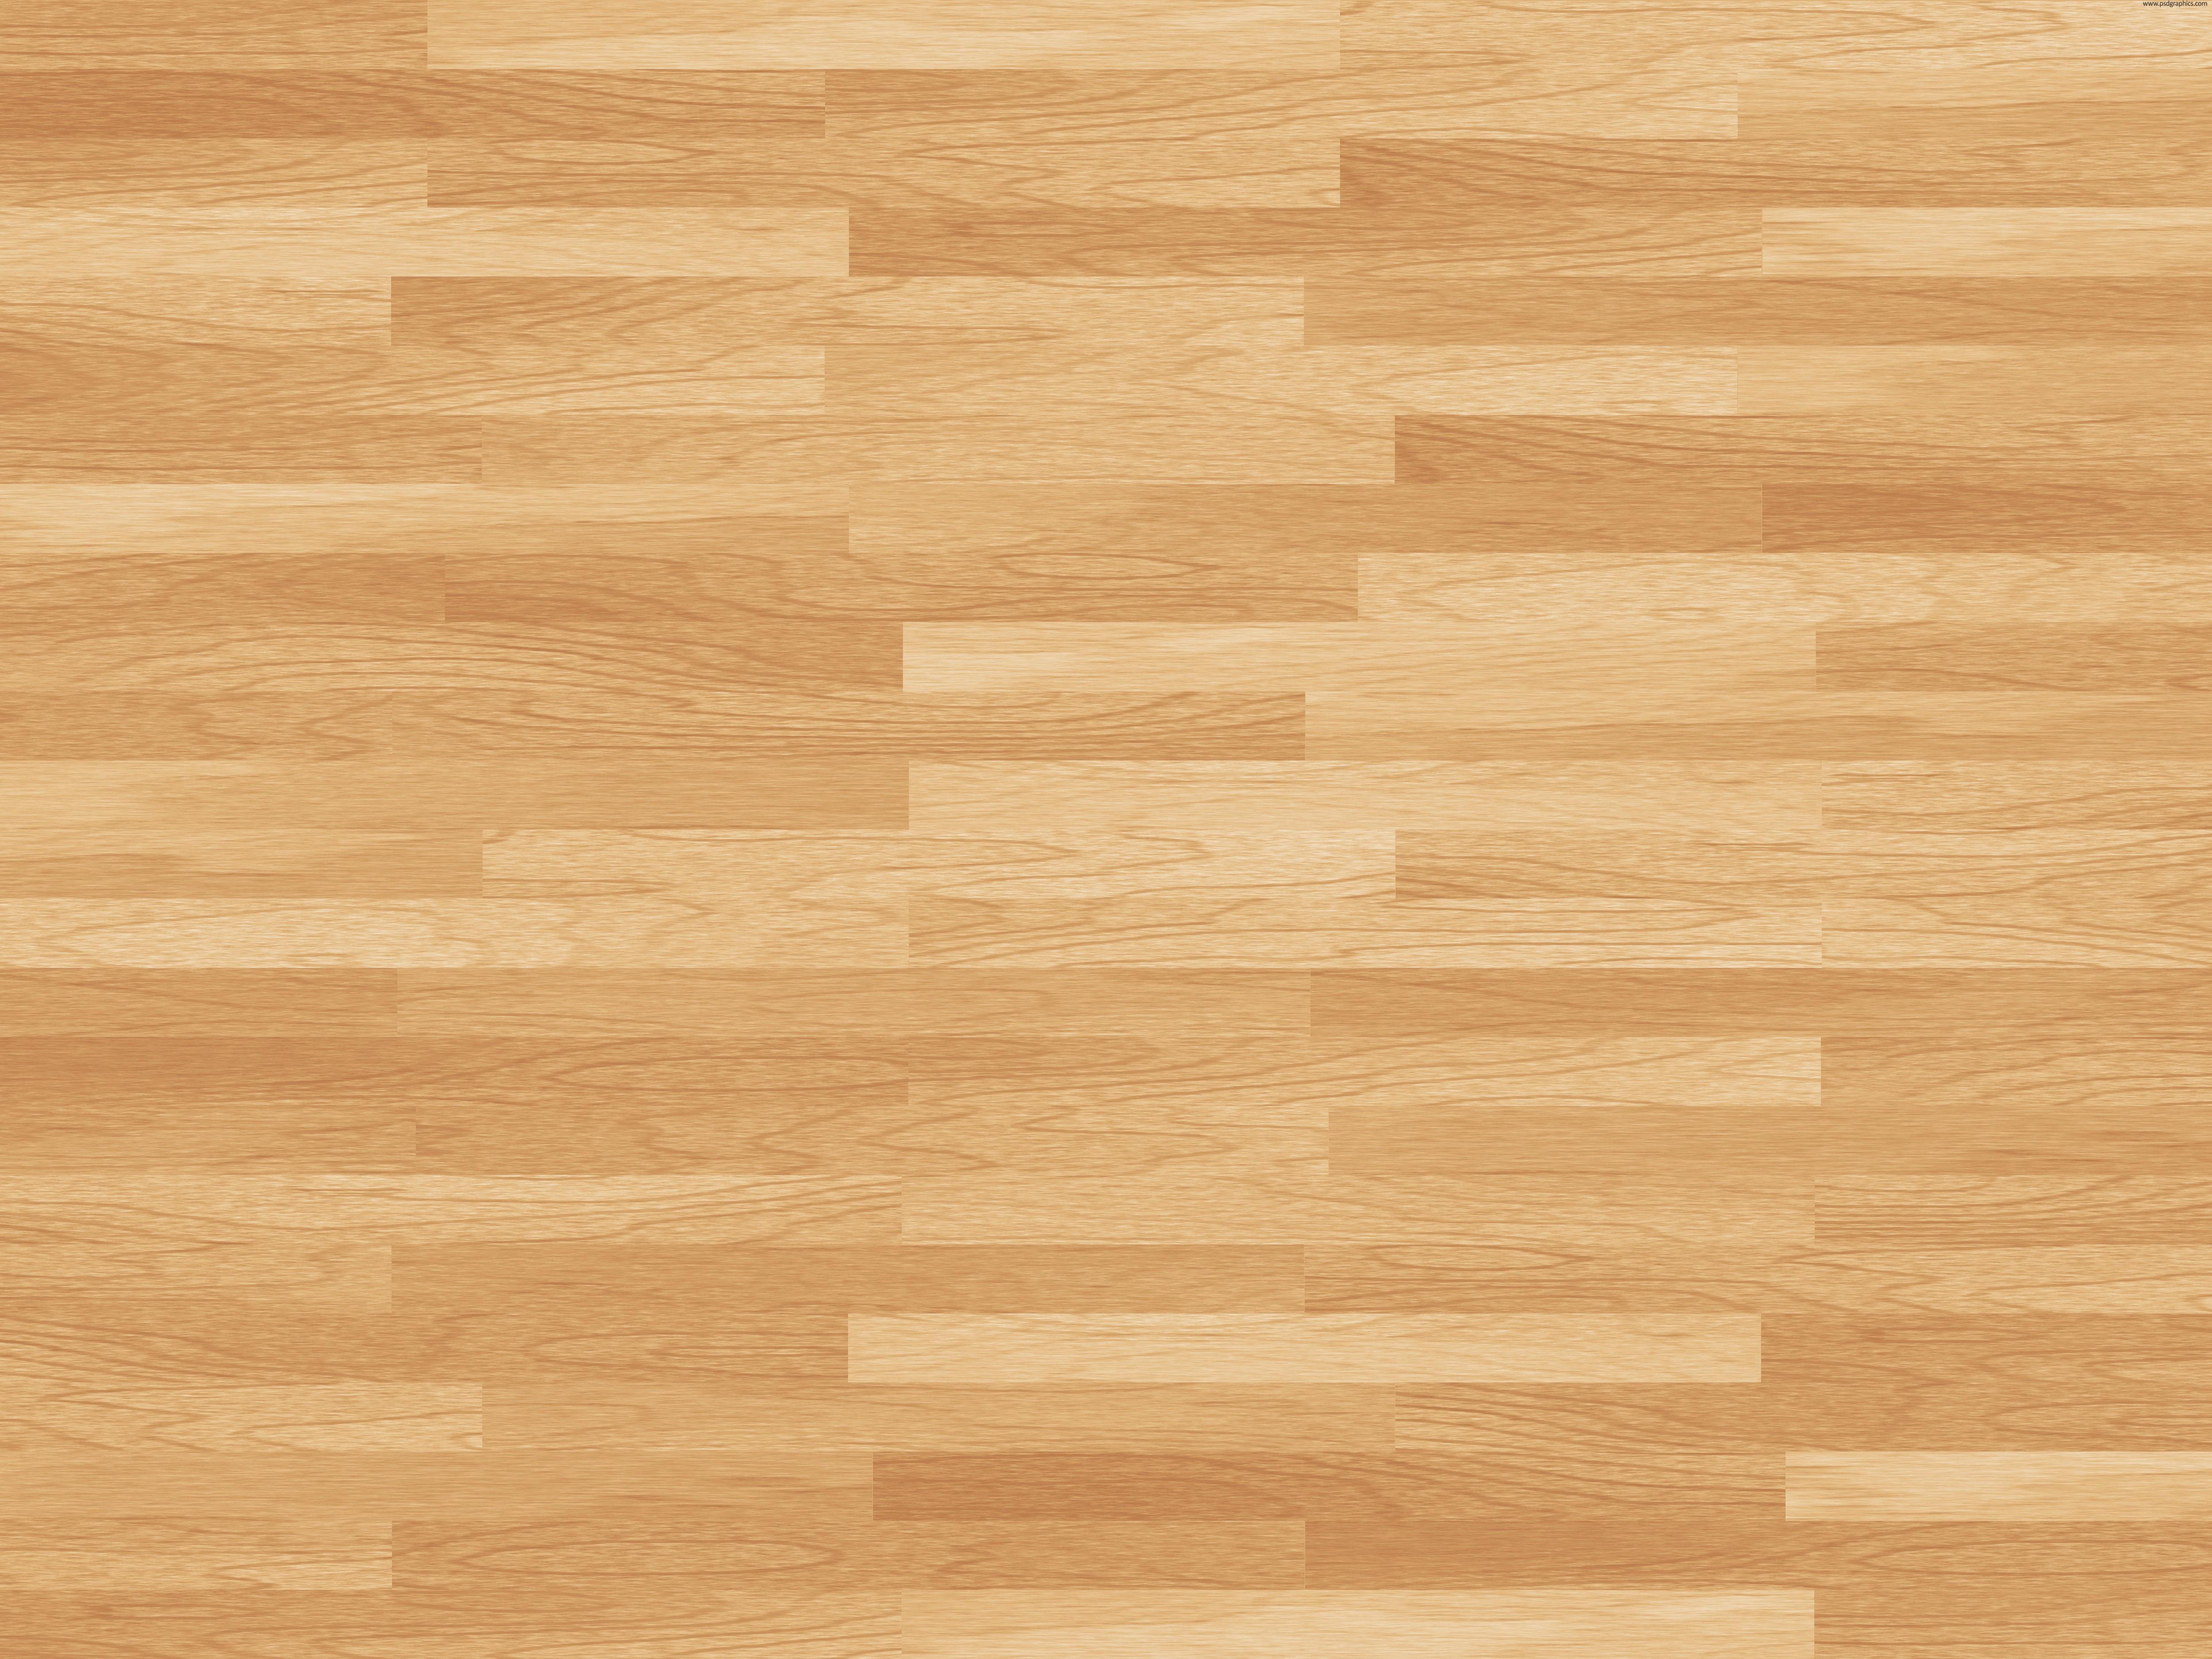 hardwood floor patterns of hardwood floor patterns lovely hardwood background hd home design idea regarding hardwood floor patterns lovely hardwood background hd